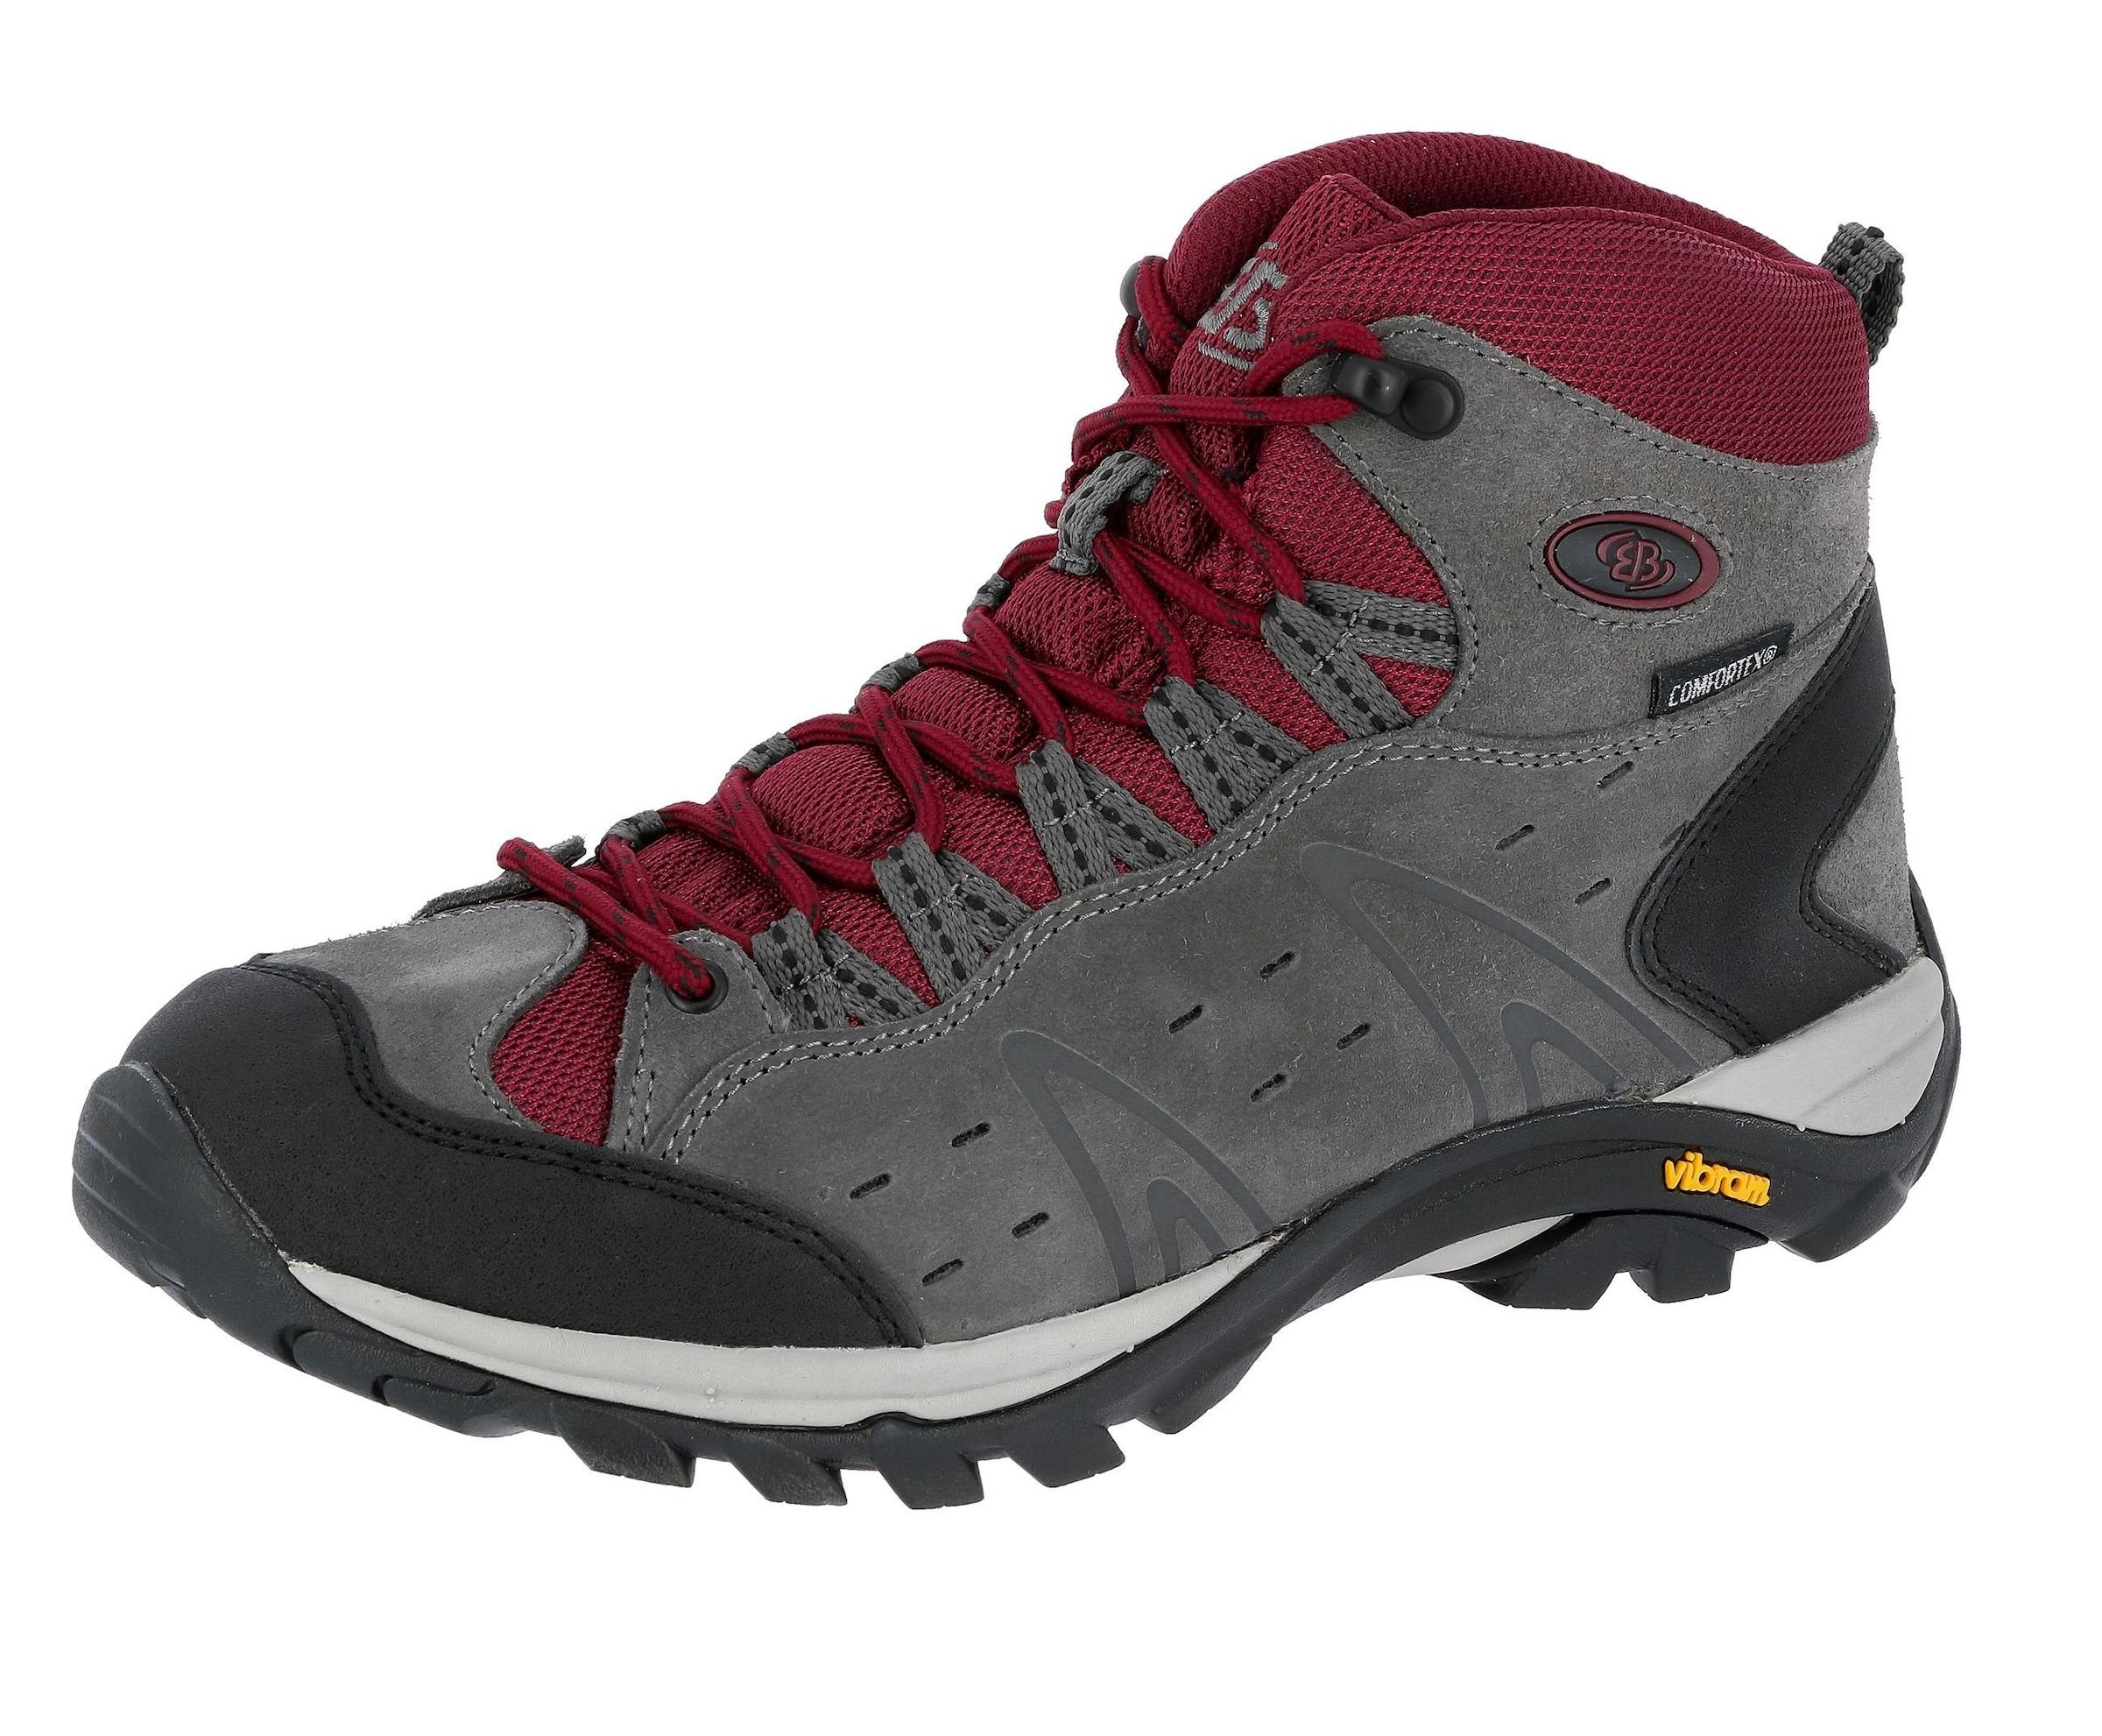 BR&Uu ;TTING Outdoorschuh »Trekkingstiefel Mount Bona High« online kaufen   Gutes Preis-Leistungs-Verhältnis, es lohnt sich